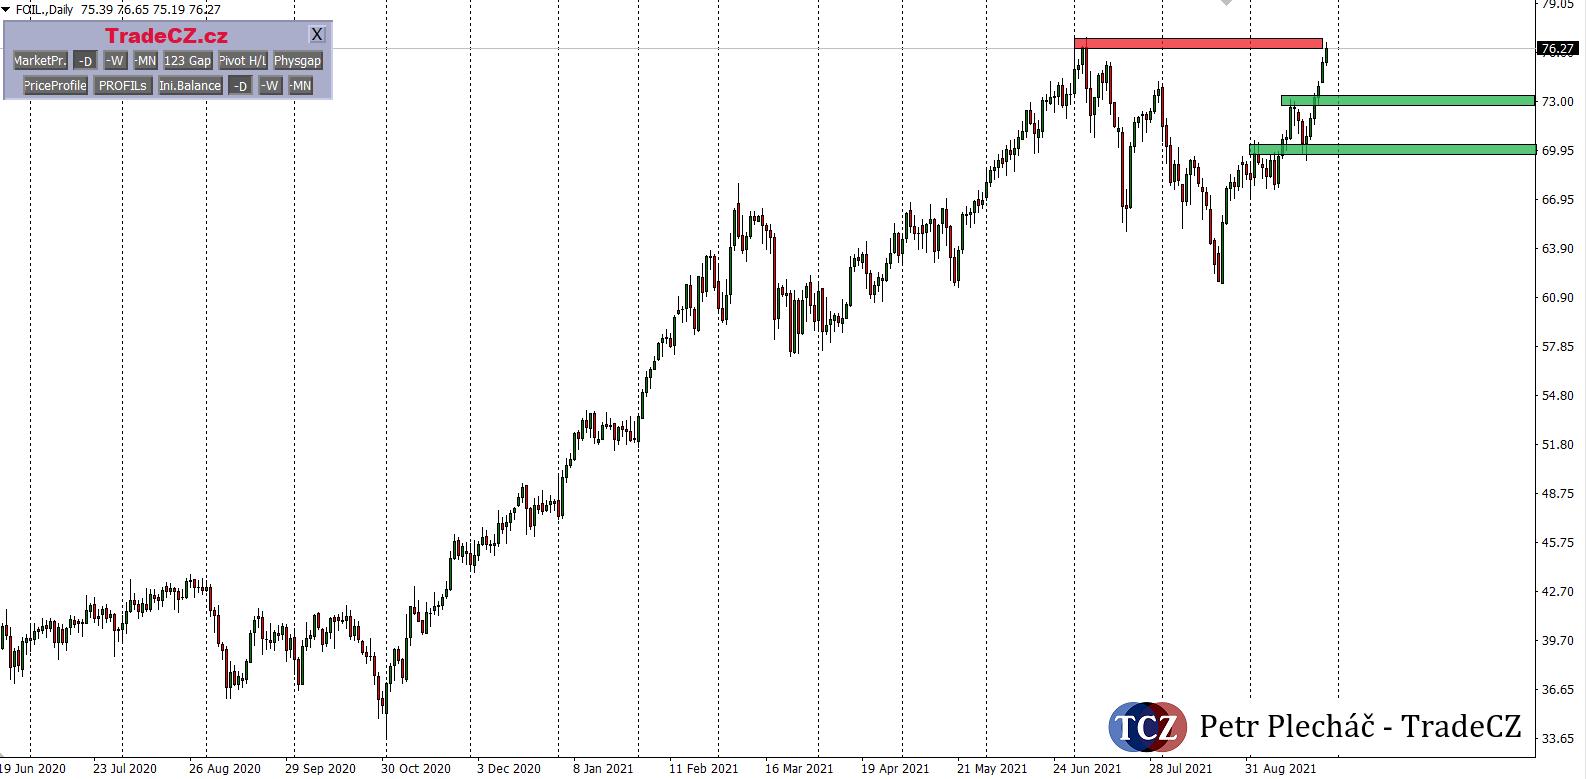 Ropa WTI price action